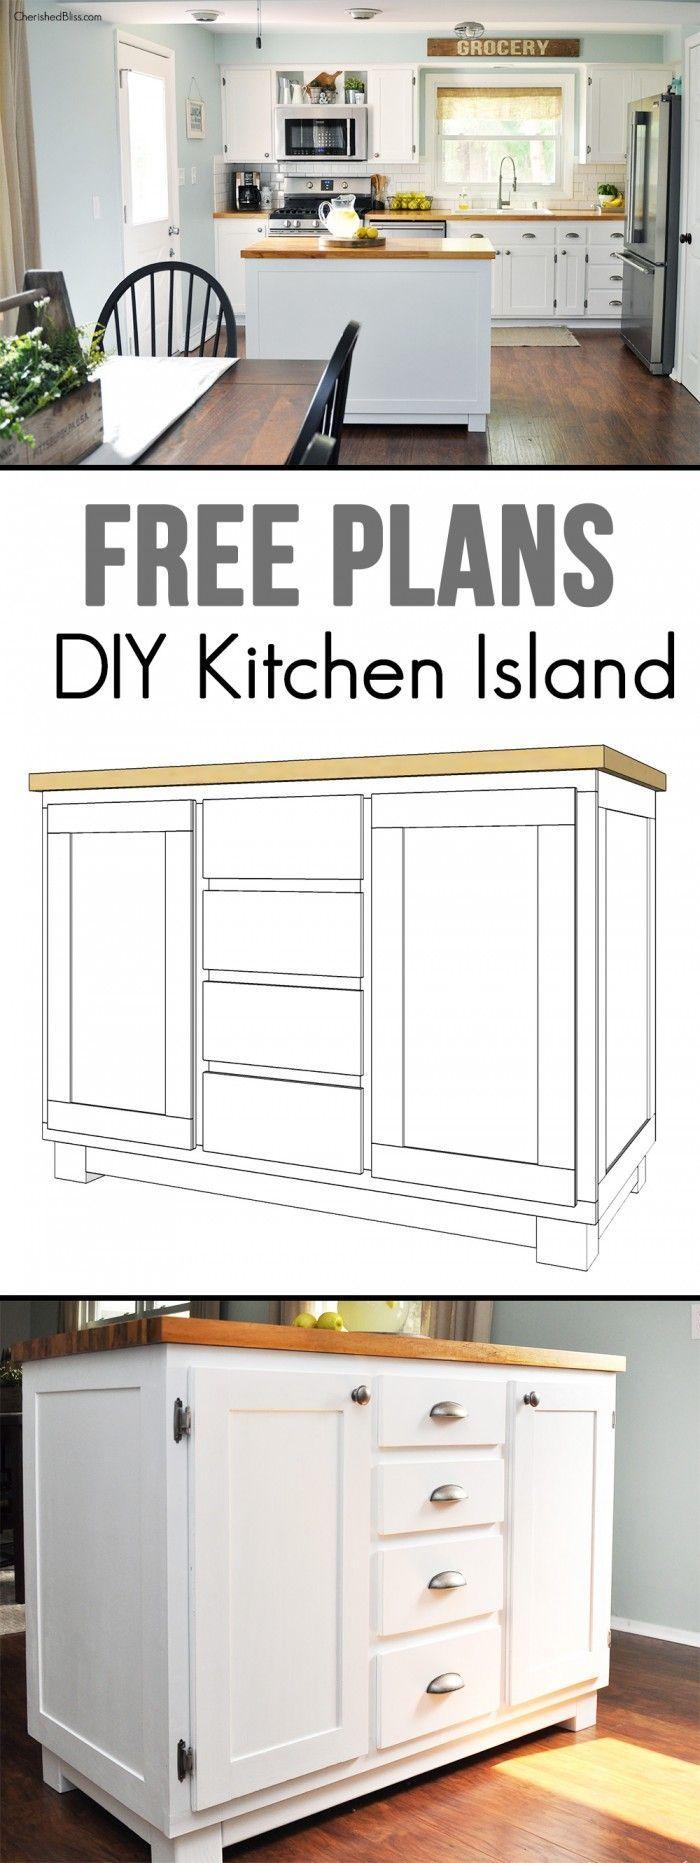 best diy furniture images on pinterest